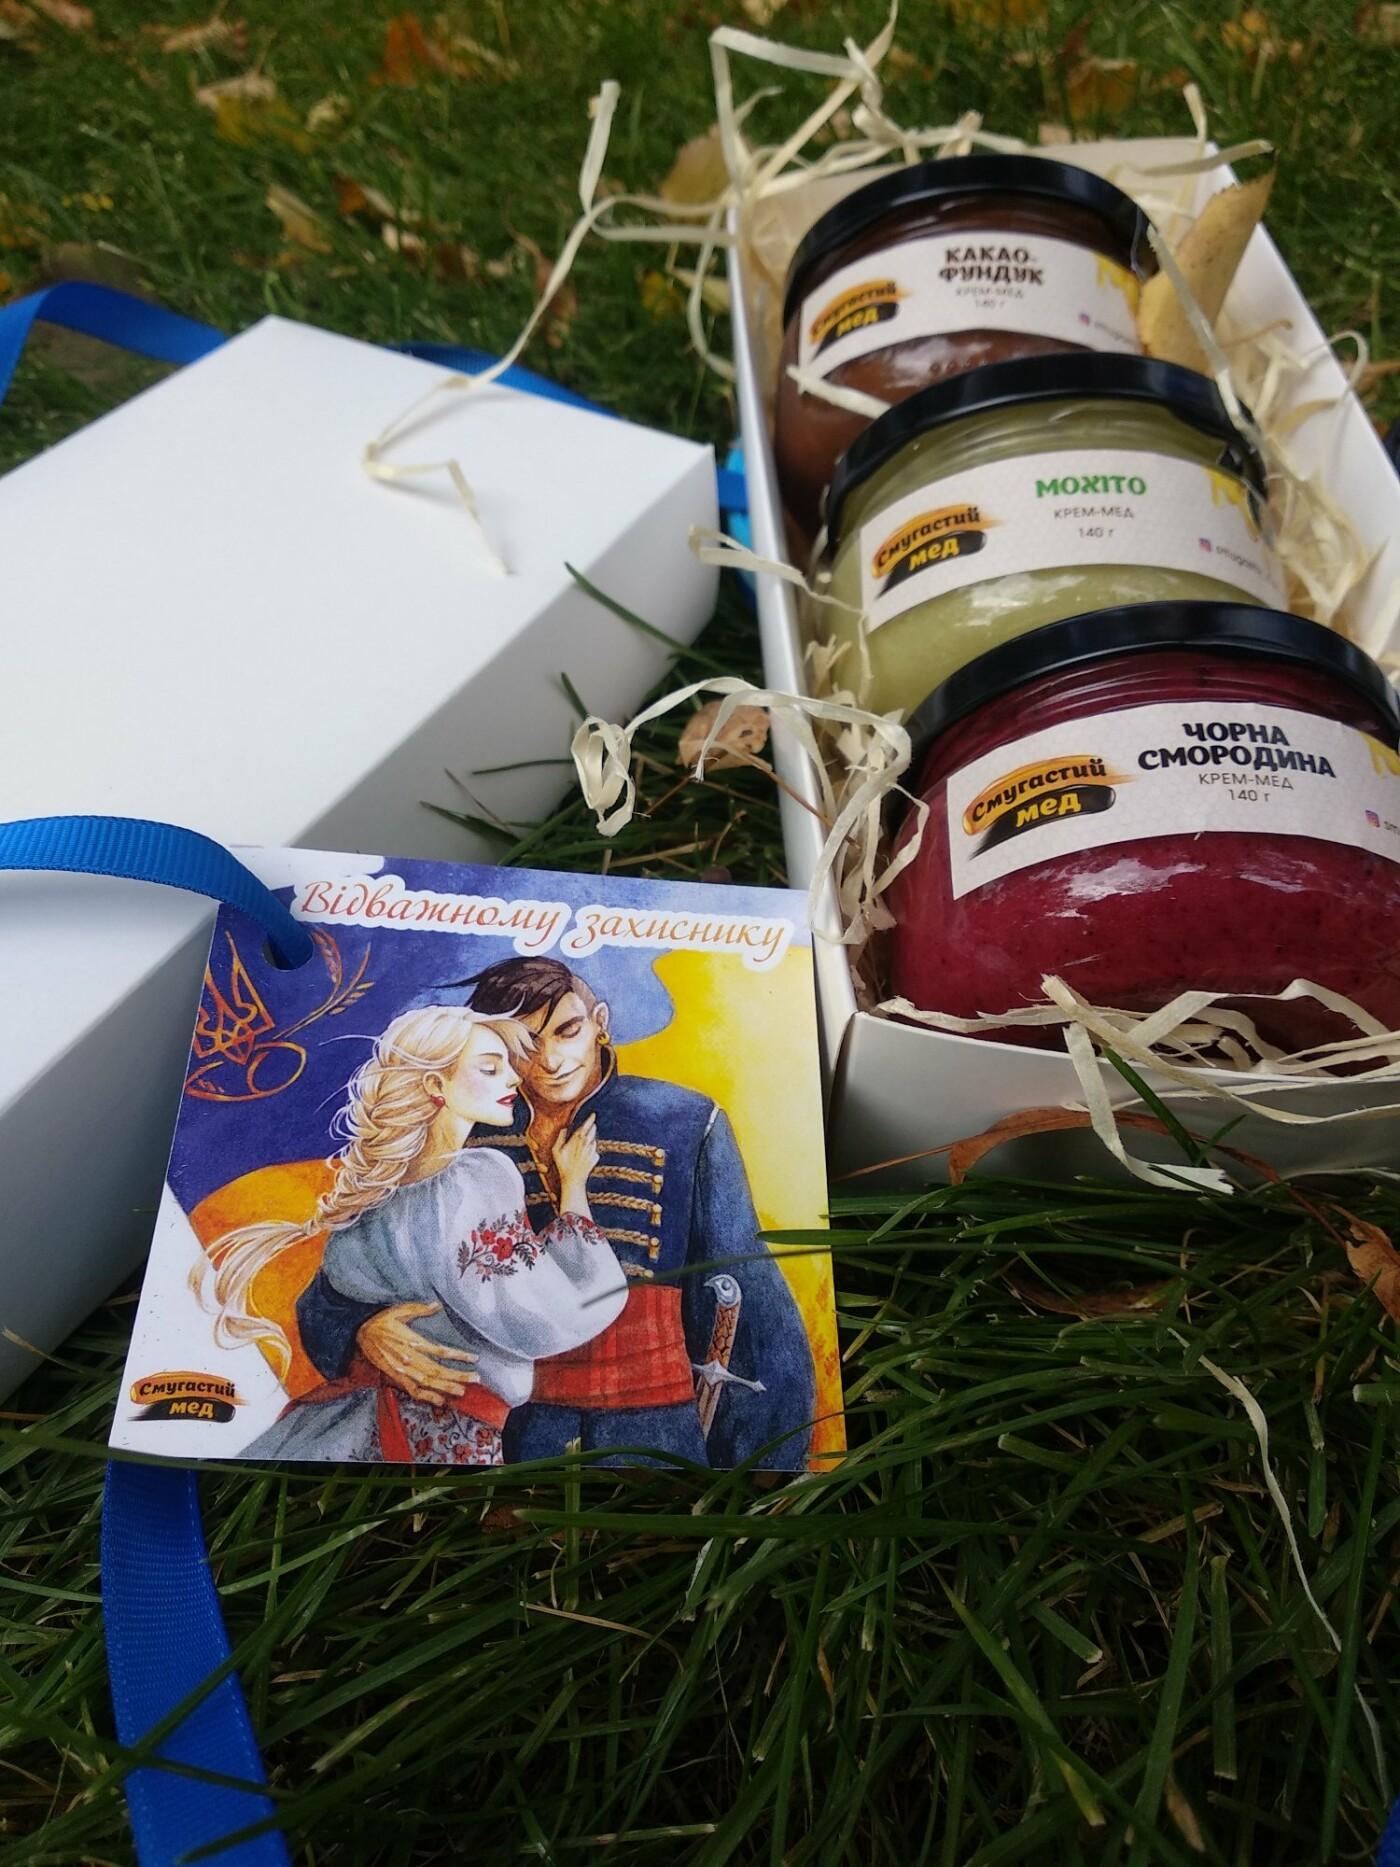 Что подарить мужчине на 14 октября - День защитников Украины? Подарочные наборы с wow-эффектом, фото-3